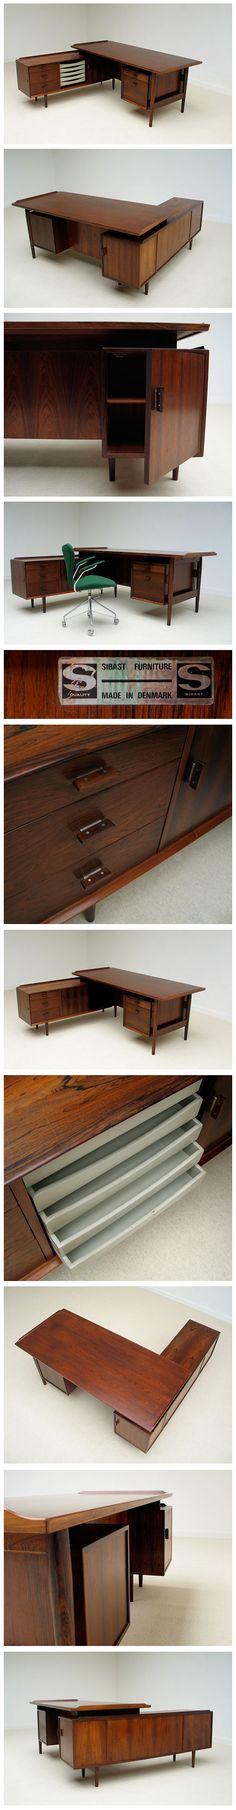 Arne Vodder rosewood office desk Sibast Furniture 1955